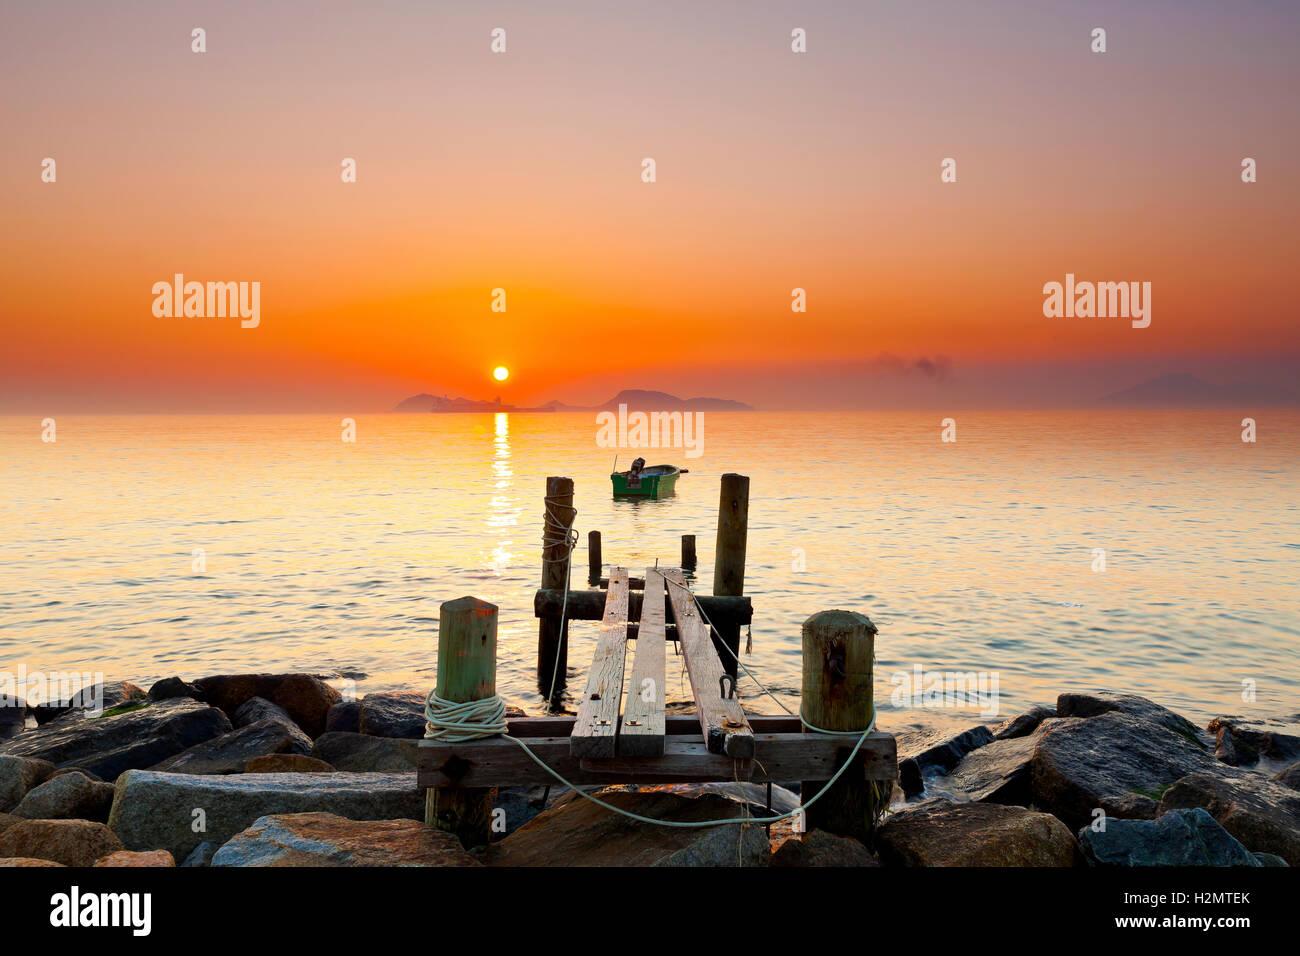 Steg Sonnenuntergang Stockbild